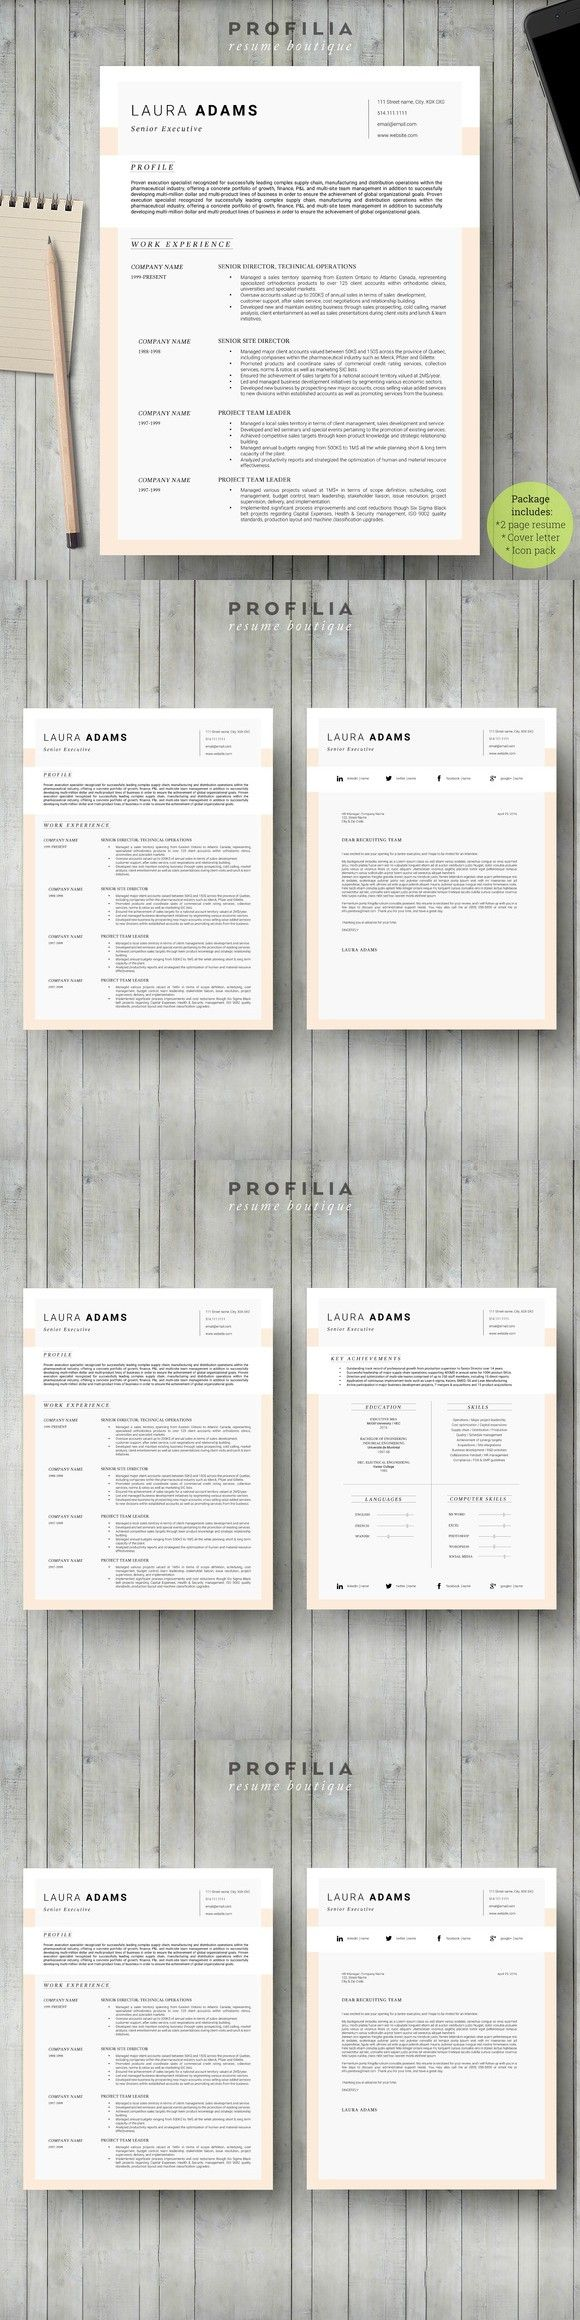 25 unique resume cover letters ideas on pinterest cover letter word resume cover letter template madrichimfo Images